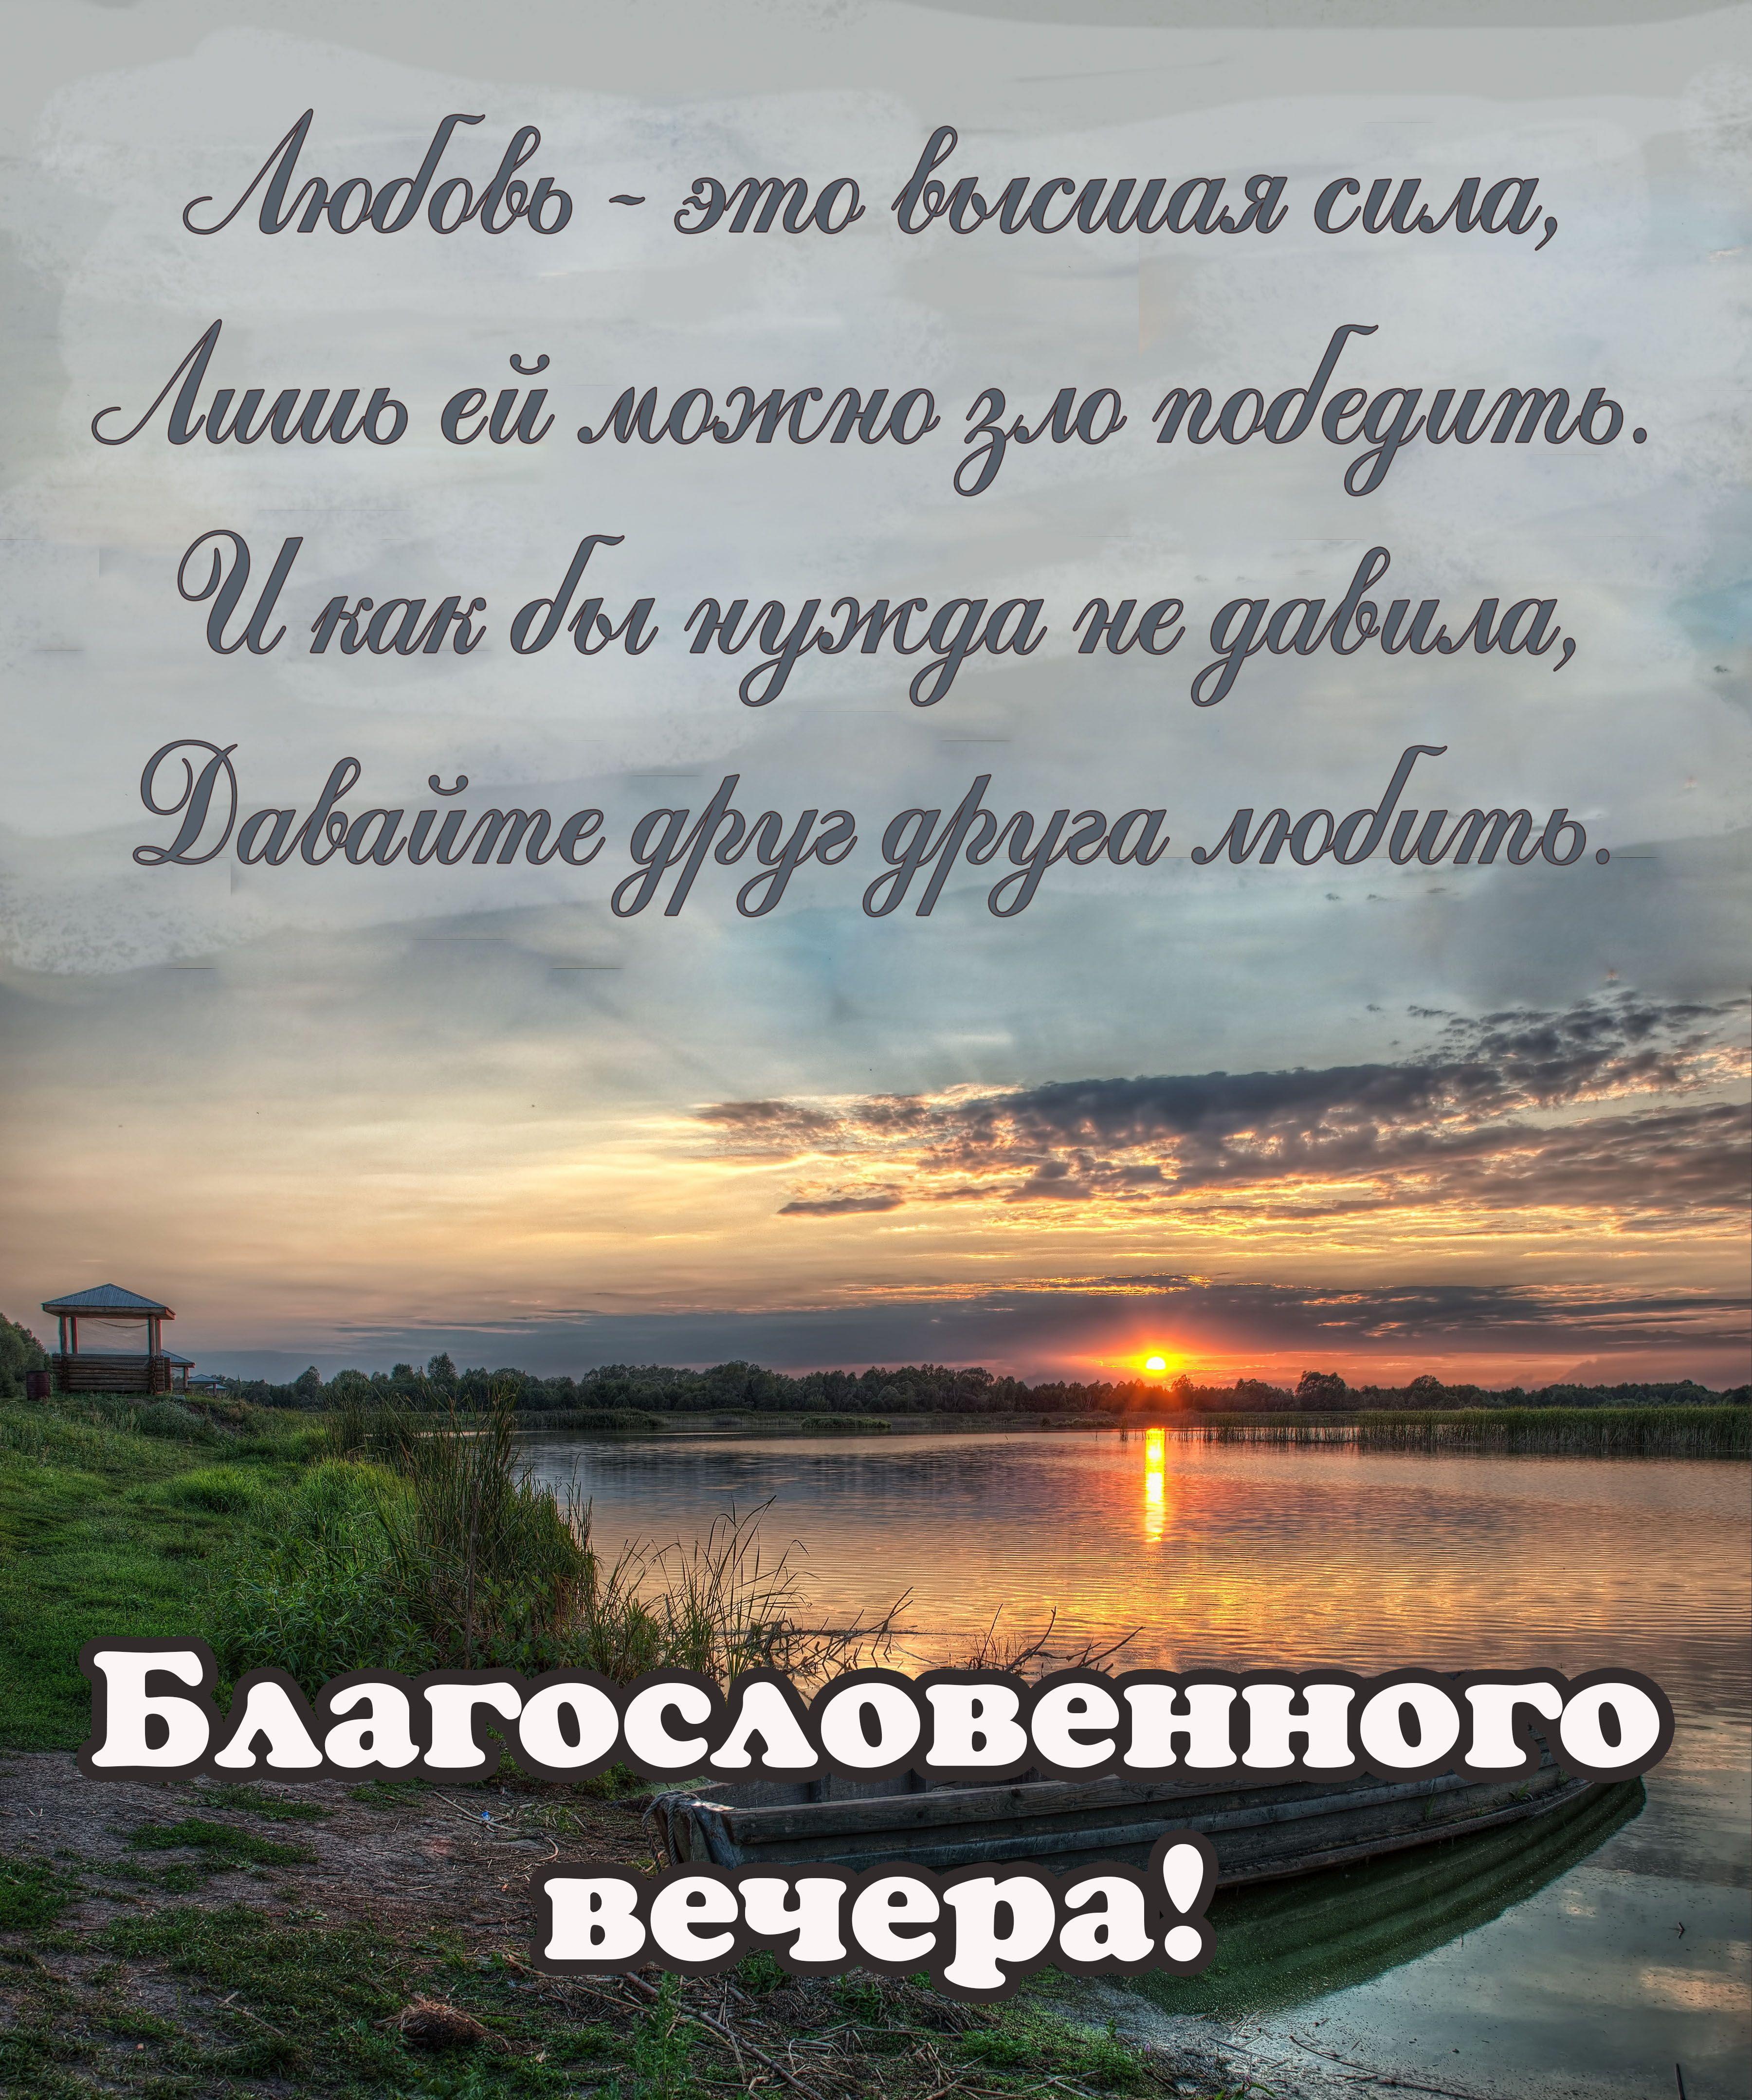 Христианские открытки спокойной ночи с цитатами, картинки